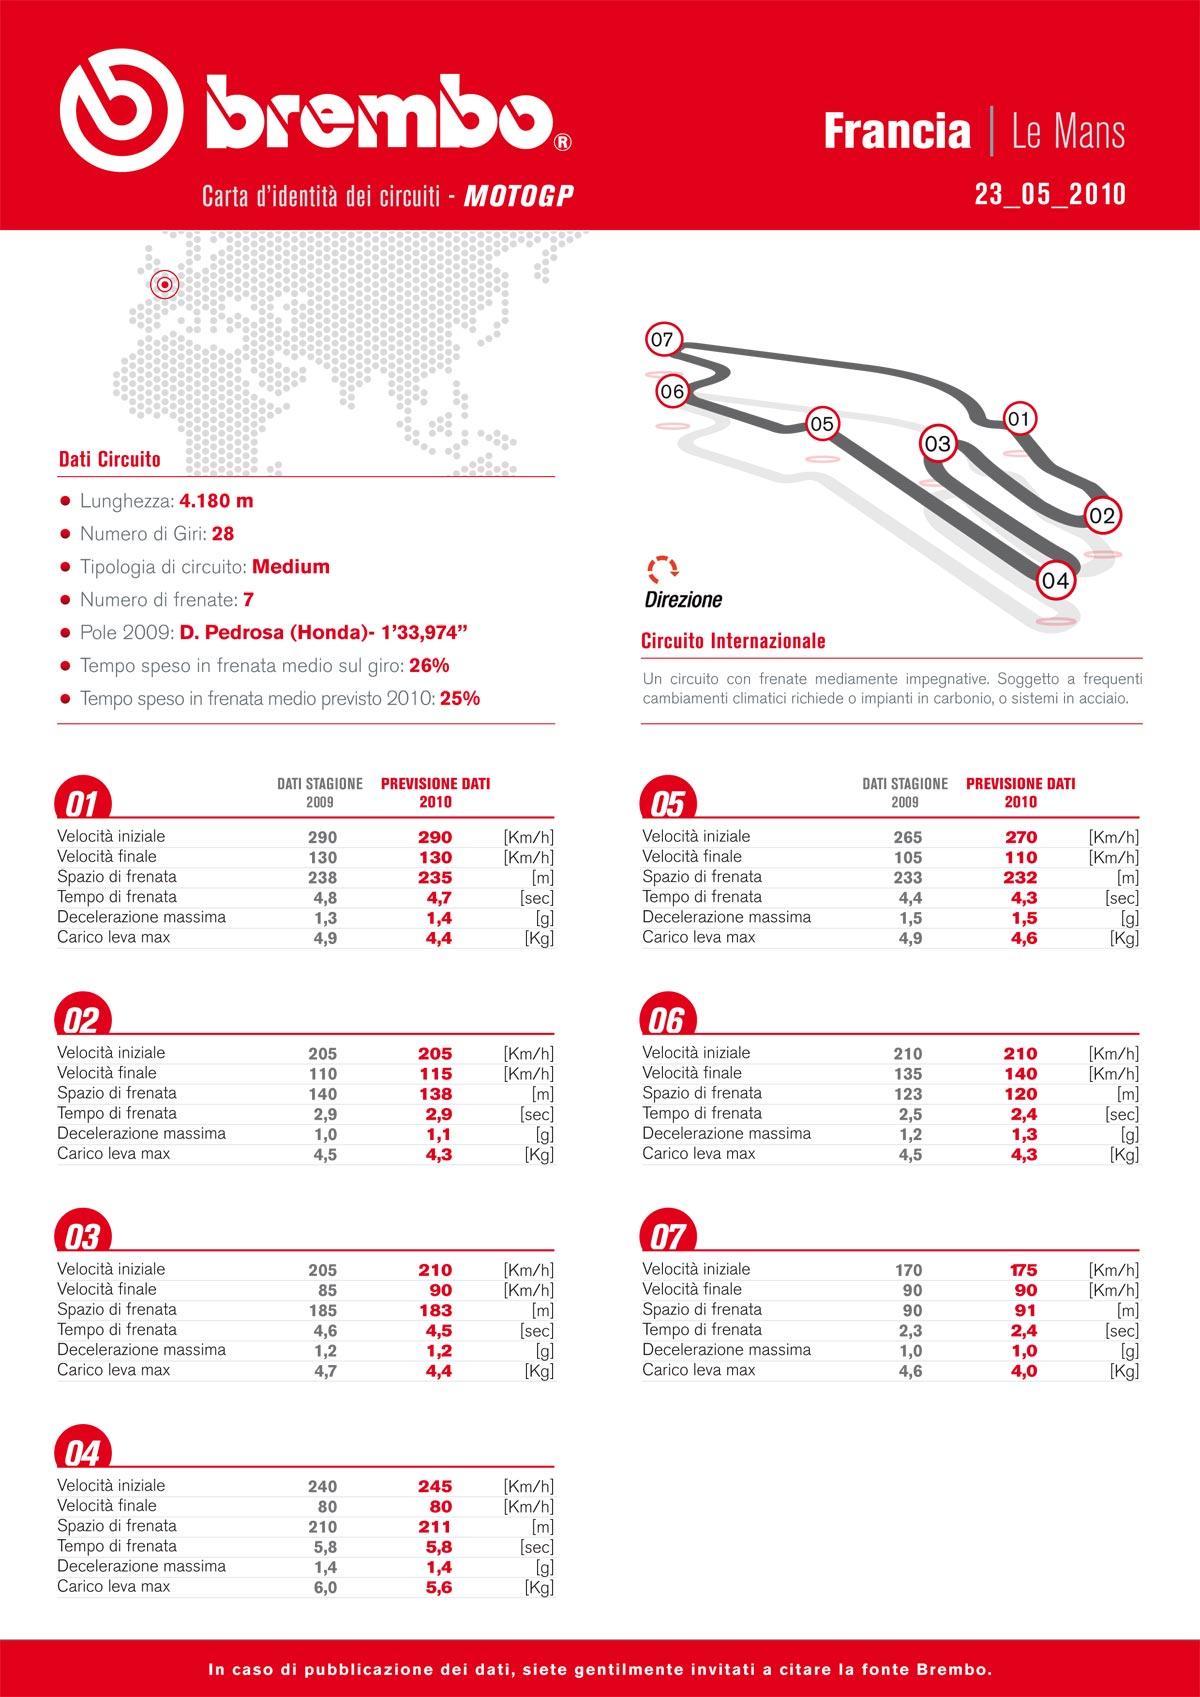 Le mescole dei pneumatici Bridgestone per il MotoGP: Gran Premio di Francia 2010 2